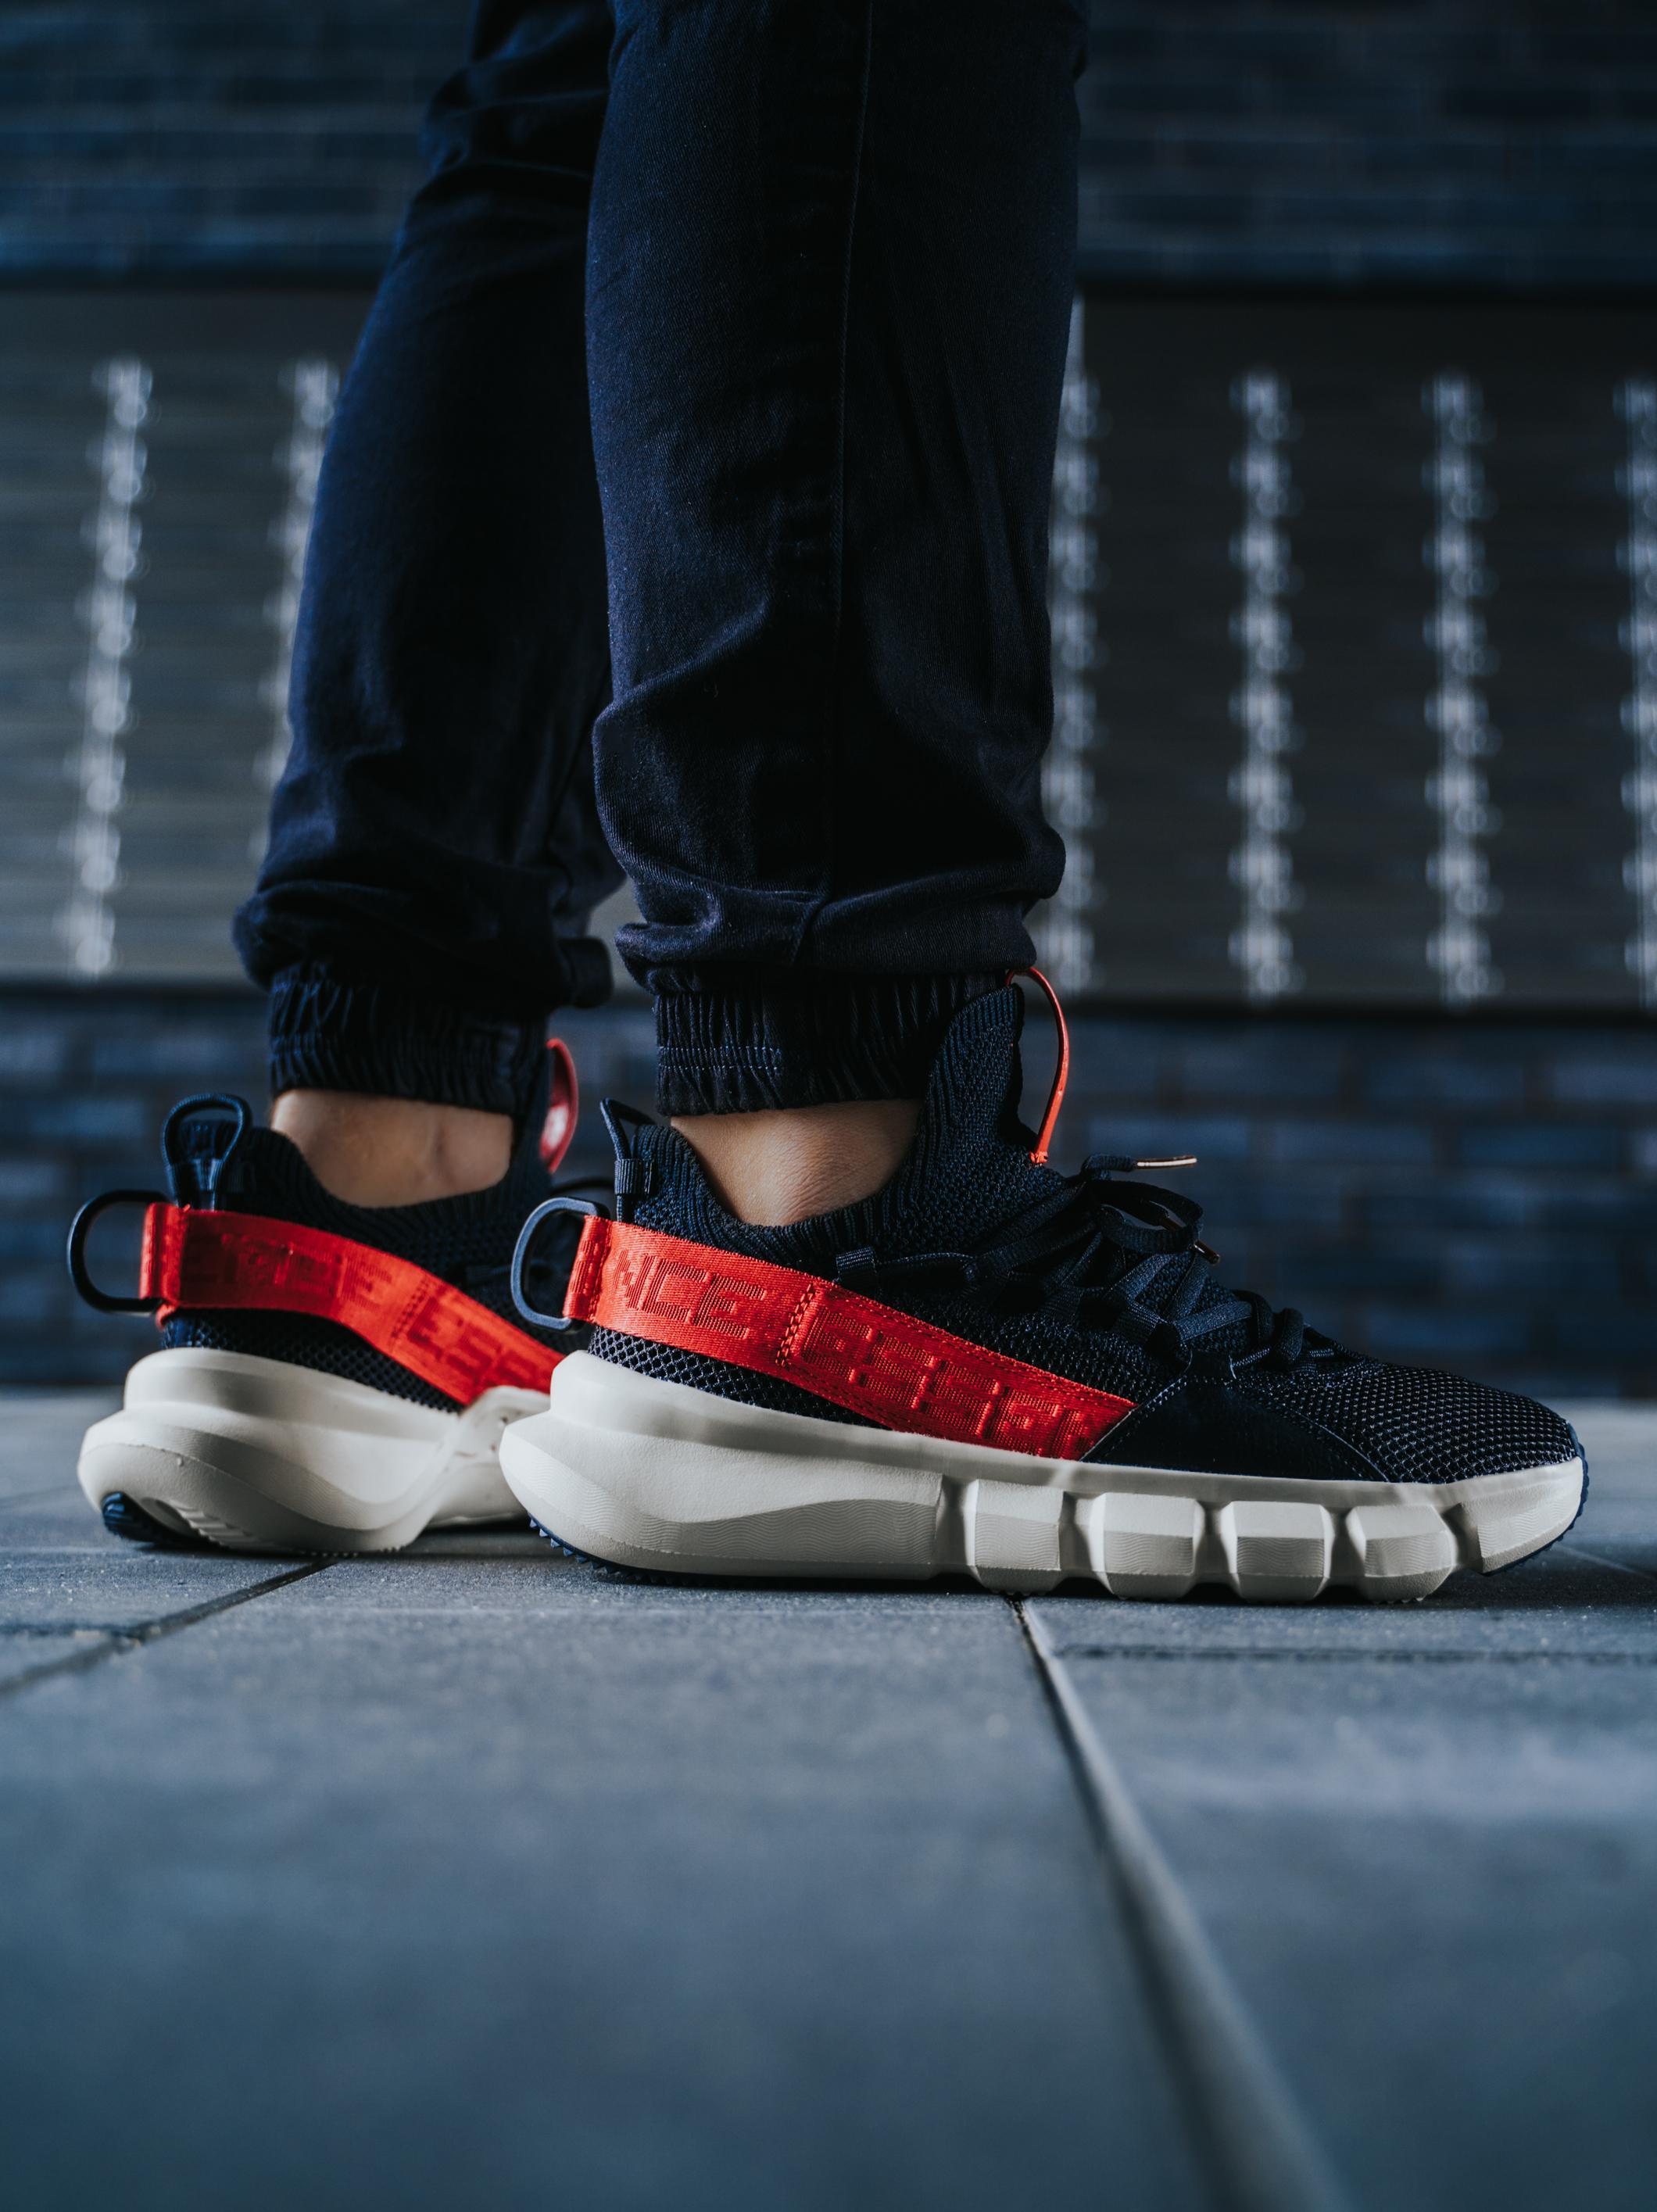 Buty Sportowe Li-Ning Essence Lace Up Czarne / Kremowe / Czerwone